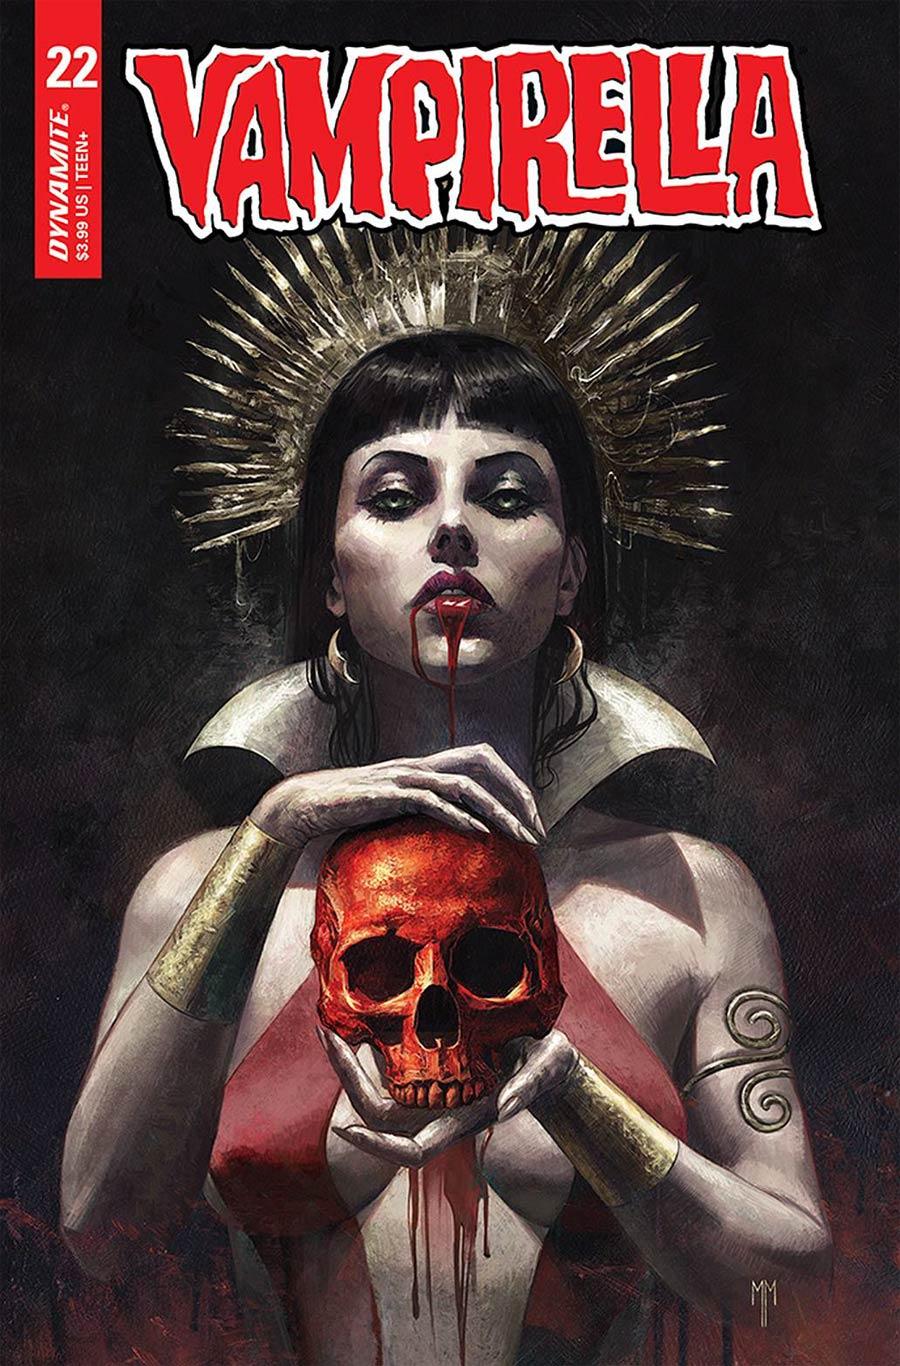 Vampirella Vol 8 #22 Cover B Variant Marco Mastrazzo Cover